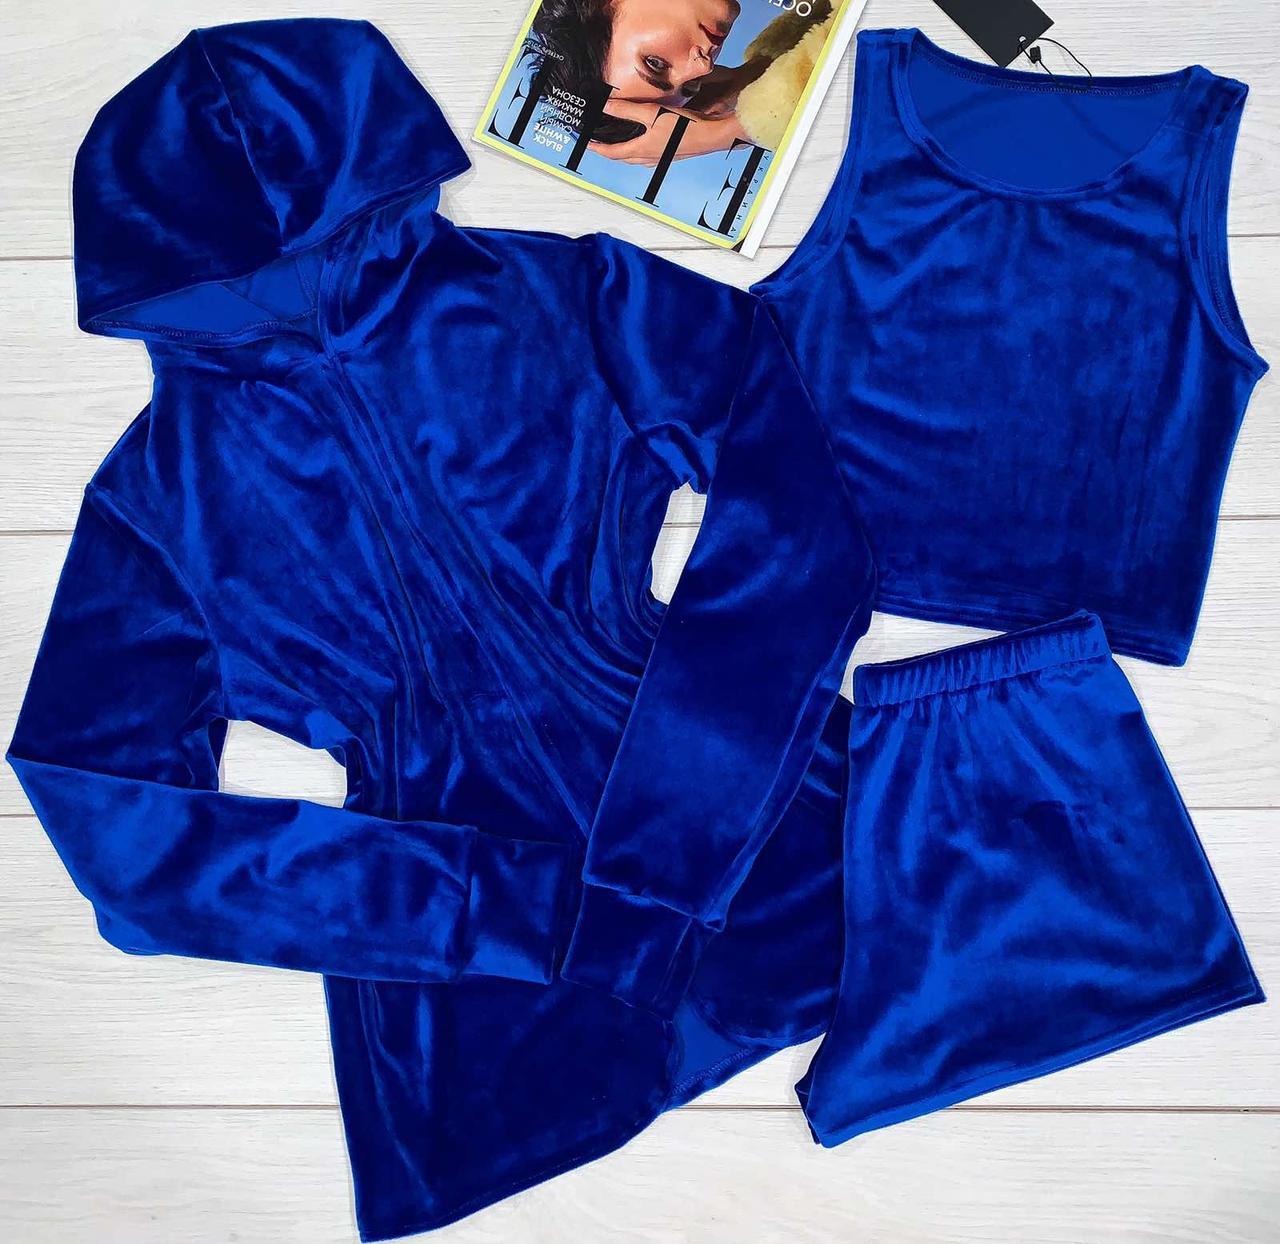 Женская накидка-кардиган + майка-шорты. Комплект из плюшевого велюра.